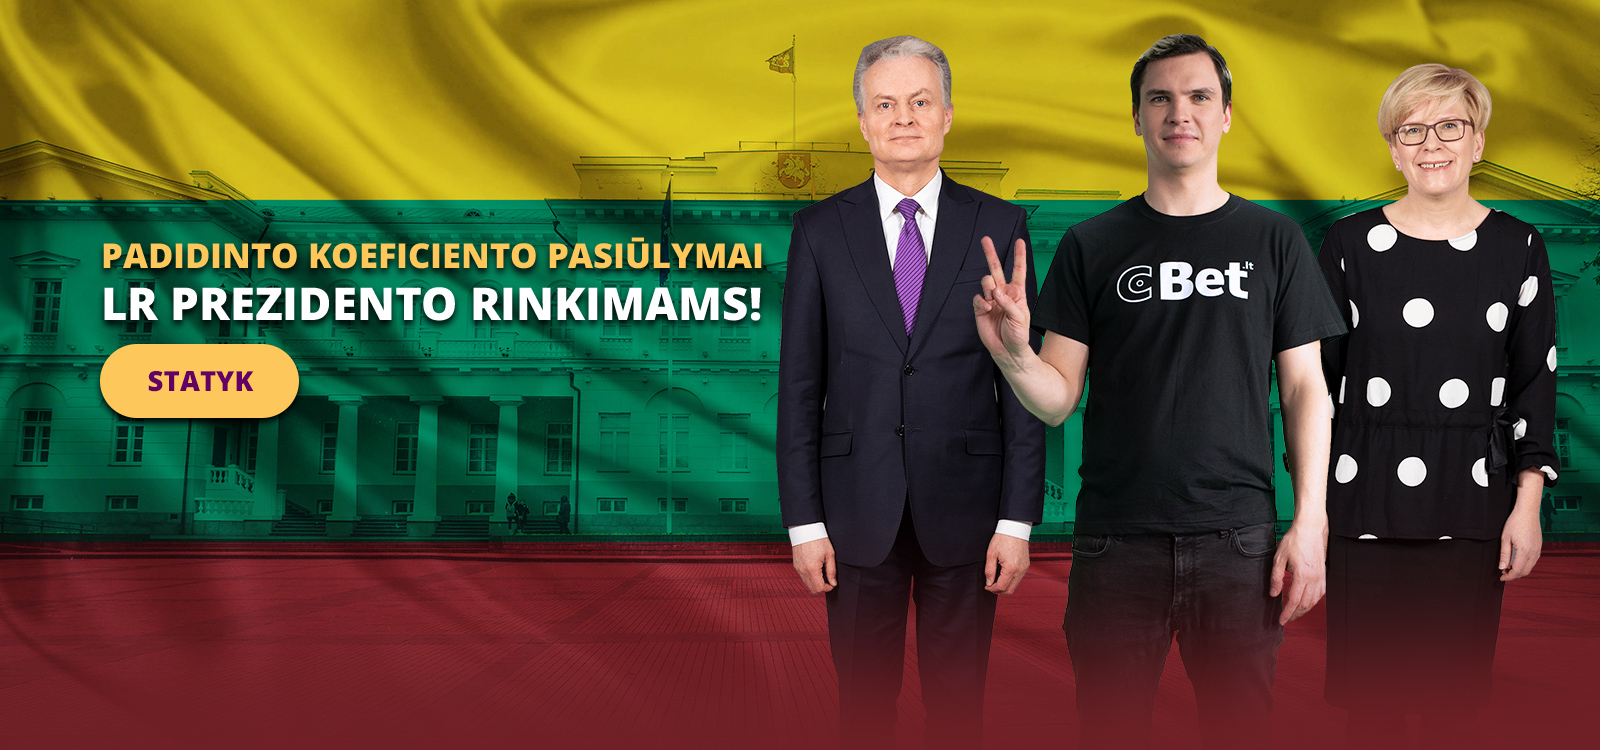 Prezidentas-antras-turas-web_1600x750